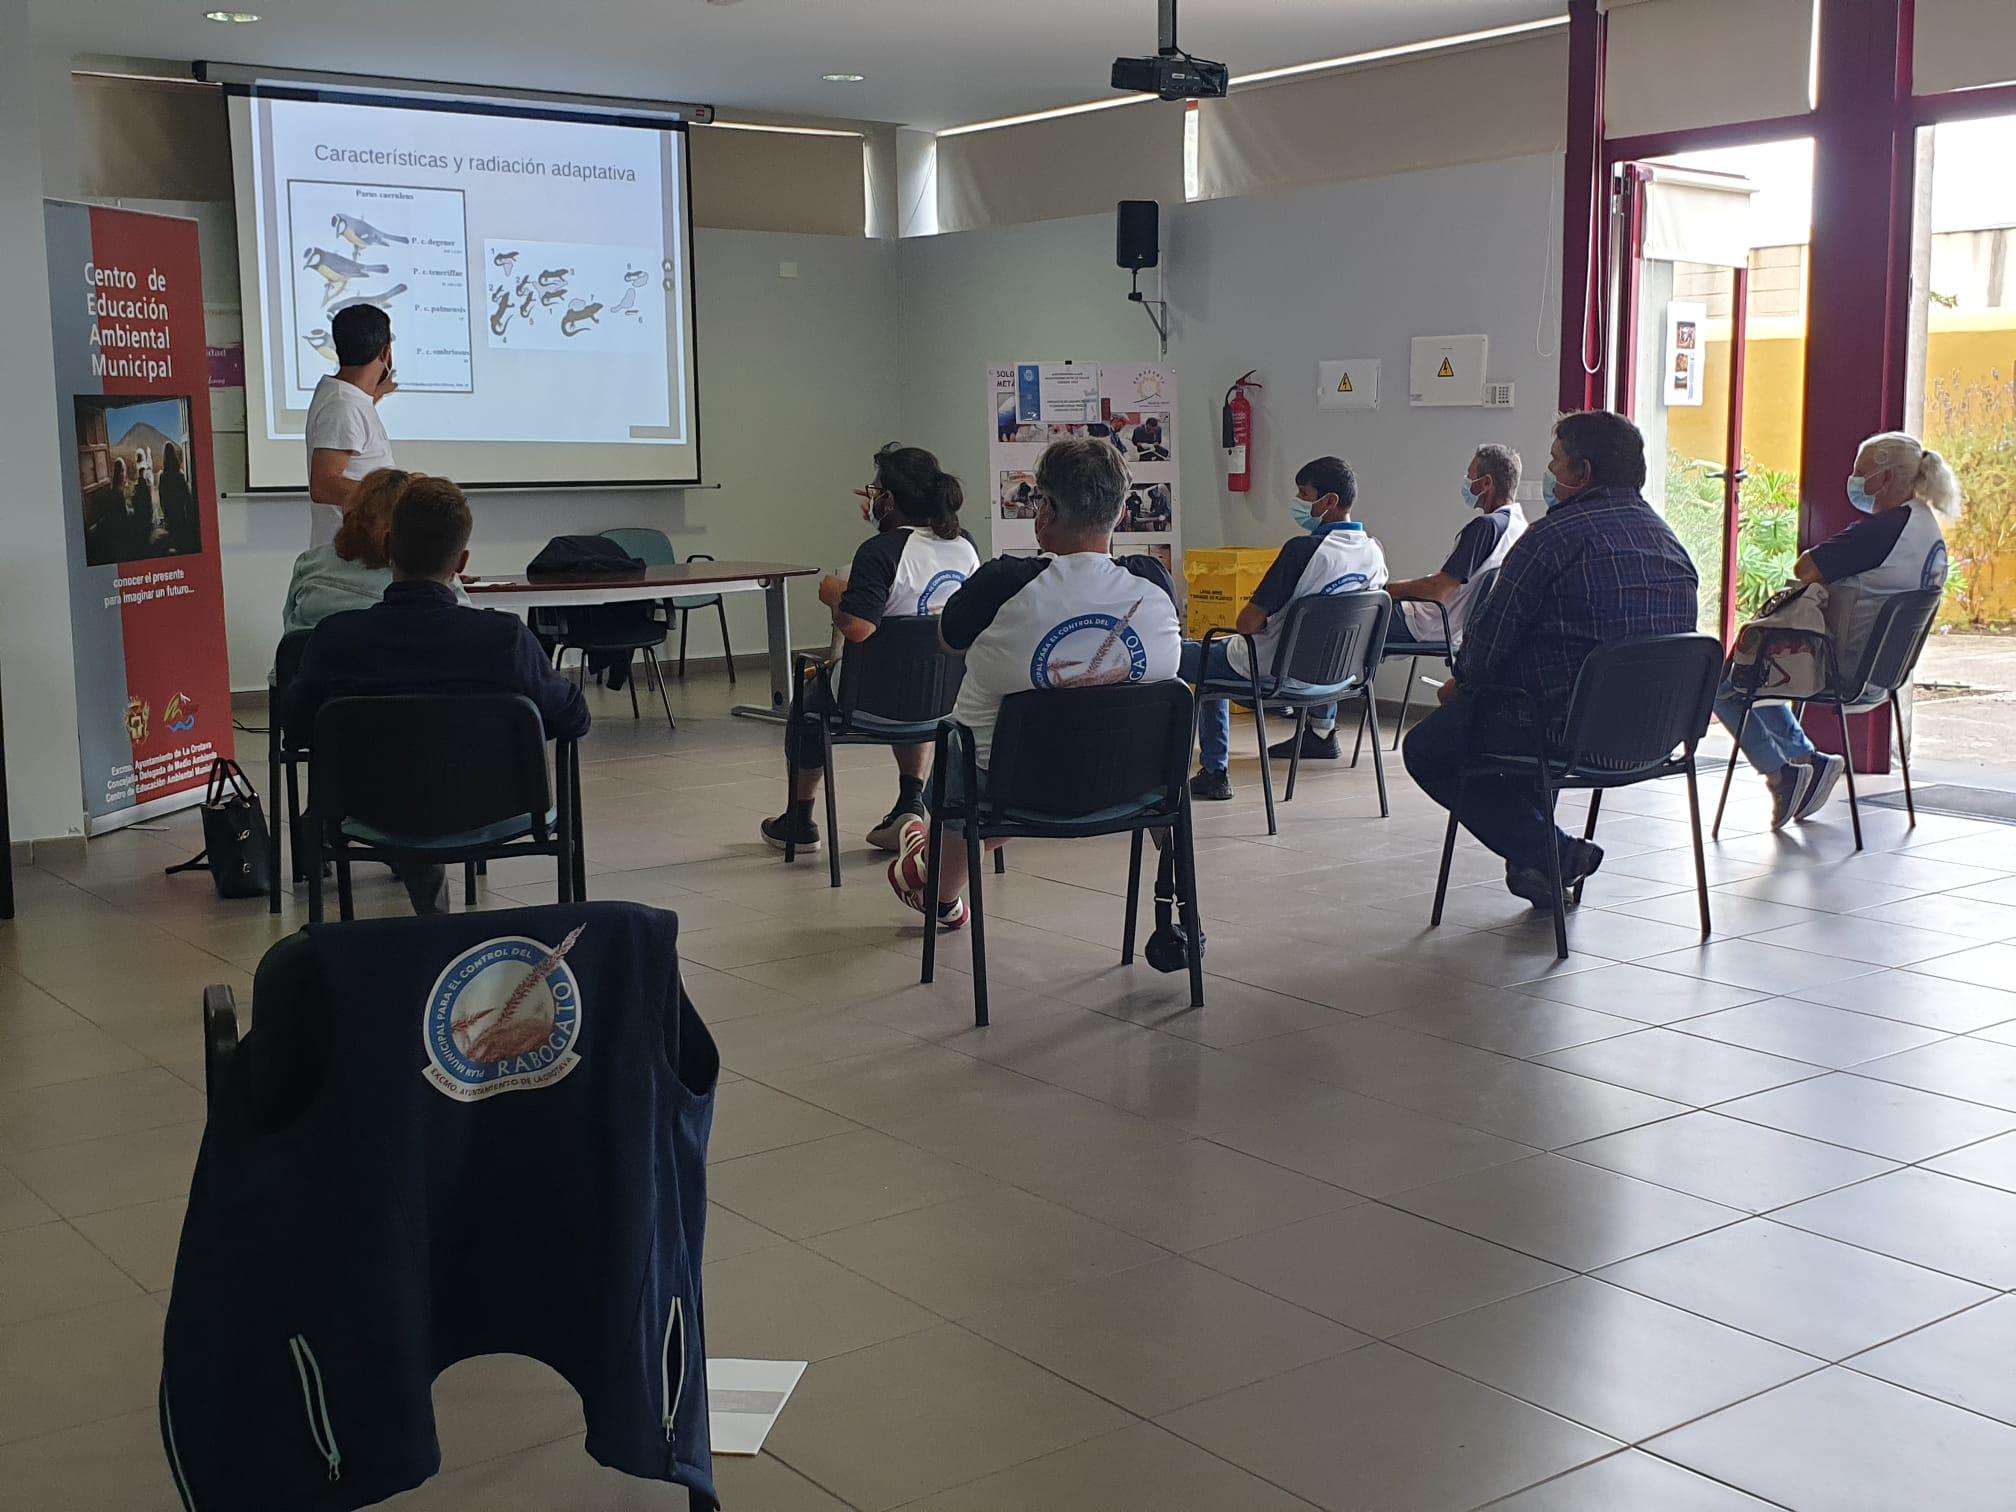 Las jornadas formativas, que se celebraron el pasado 14 y 15 de abril, estuvieron dirigidos a los empleados y empleadas de los servicios de limpieza del Ayuntamiento de La Orotava